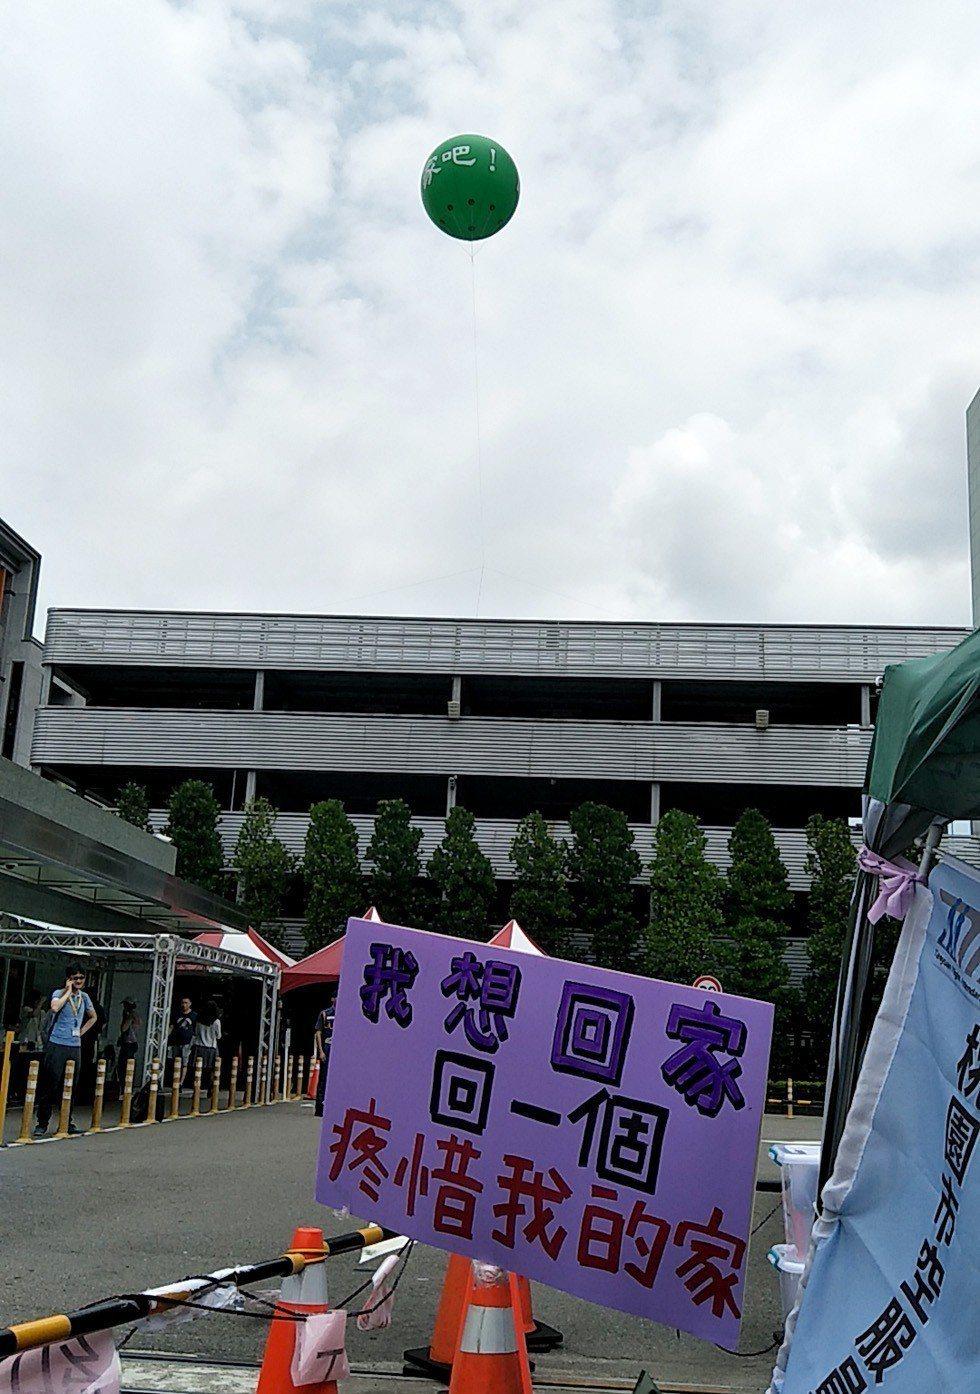 長榮資方升起「回家吧」大氣球溫情喊話, 工會先後掛出「我們還看不見回家的路」、「...